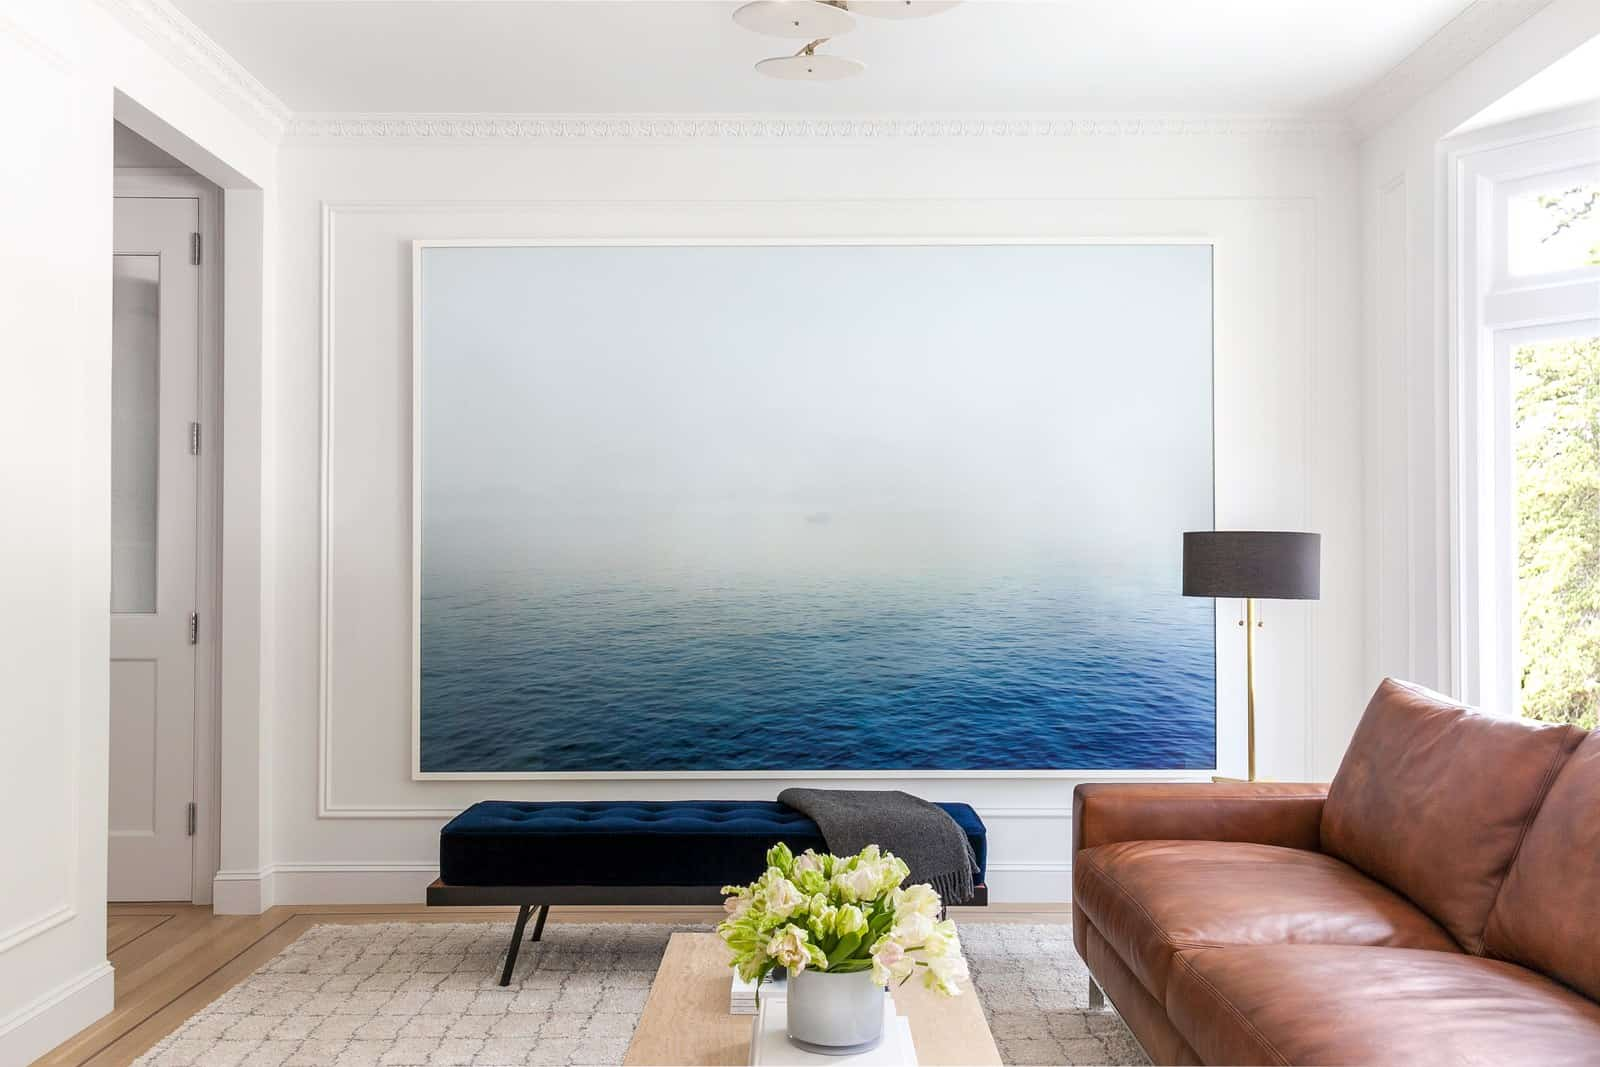 veľký modrý obraz na stene